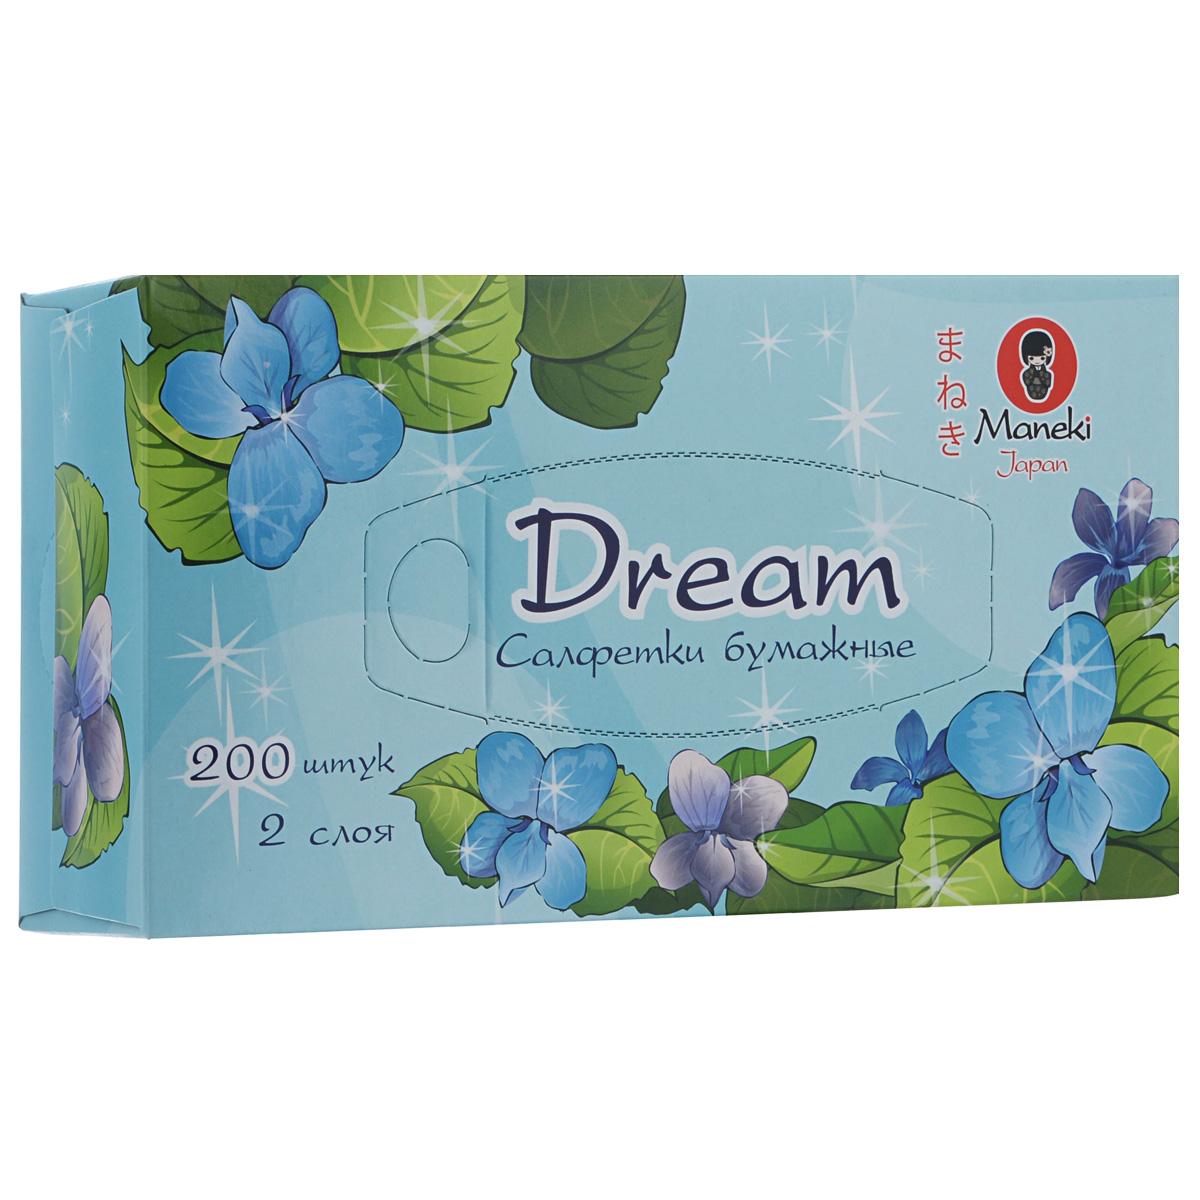 Maneki Салфетки бумажные Dream, двухслойные, цвет: голубой, 200 штFT135/36360050Двухслойные бумажные салфетки Maneki Dream, выполненные из натуральной экологически чистой целлюлозы, подарят превосходный комфорт и ощущение чистоты и свежести. Салфетки упакованы в коробку, поэтому их удобно использовать дома или взять с собой в офис или машину.Не содержат хлор.